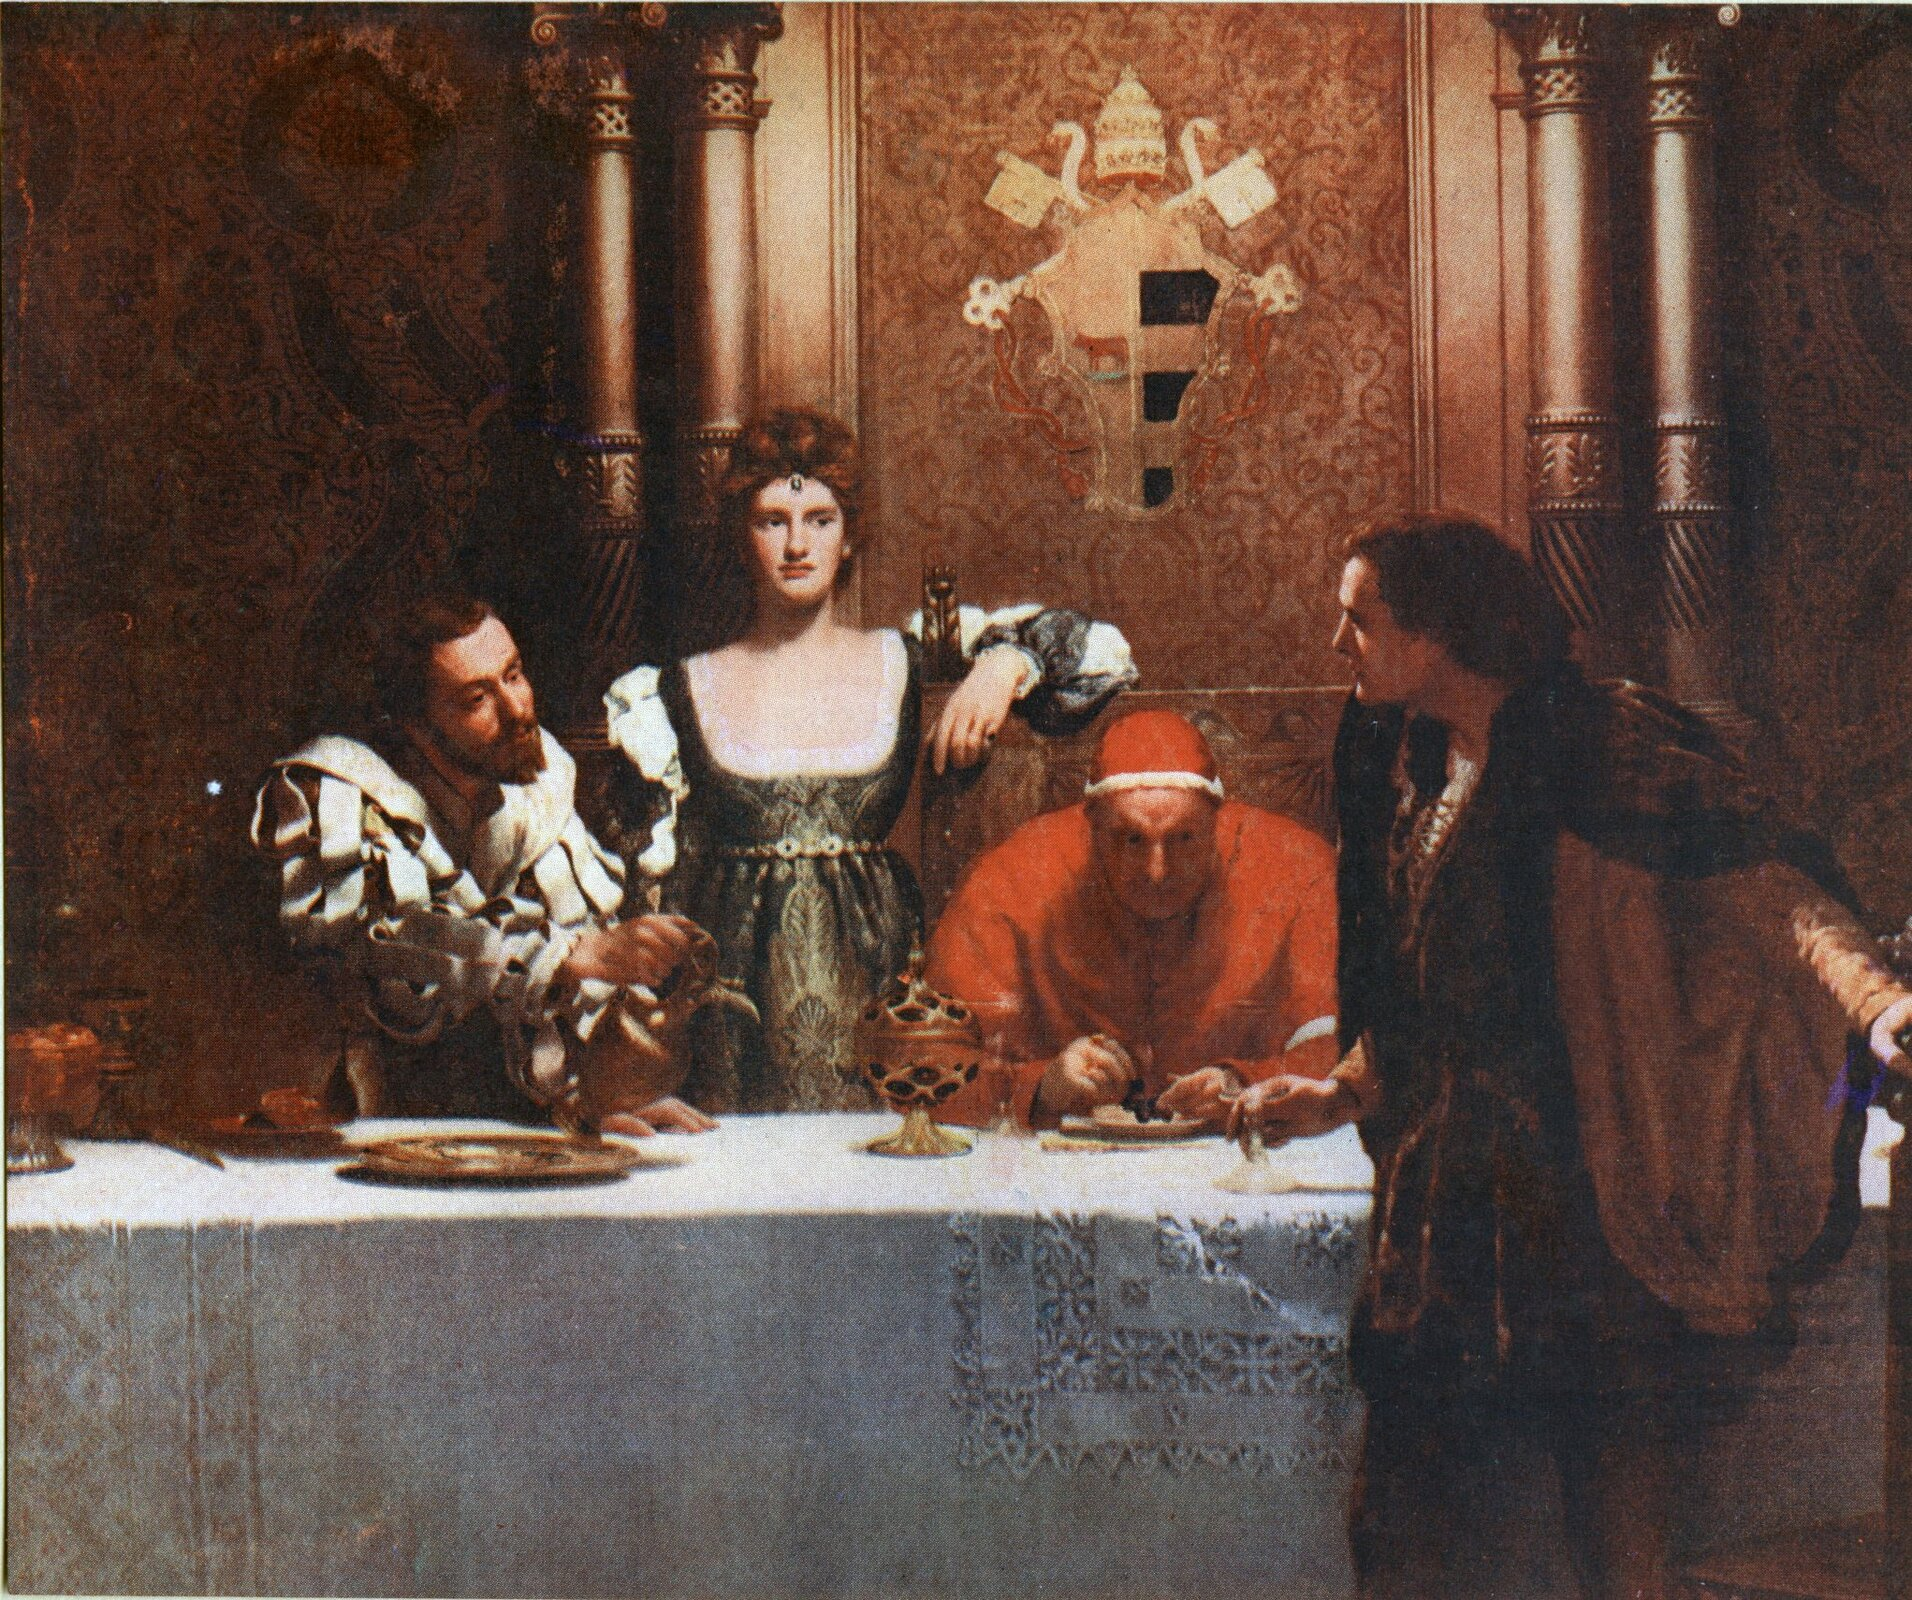 """Cezar Borgia – czarna legenda - obraz zXIX w. JohnMaler Collier (1850-1934) był malarzem brytyjskim przełomu XIX iXX wieku, uznawanym za jednego ztwórców kierunku zwanego prerafaelityzmem. Obraz zatytułowany """"A Glass of Wine with Caesar Borgia"""" (Szklanka wina zCezarem Borgia, 1893) pokazuje czarną legendę, jaką od czasów renesansowych otoczono rodzinę Borgiów, oskarżając ich owszelkie możliwe niegodziwości. Ostatni serial zpocz. XXI w. nadal podtrzymuje czarną legendę środowiska watykańskiego uprogu czasów nowożytnych. Źródło: John Collier, Cezar Borgia – czarna legenda - obraz zXIX w. , 1893, Ipswich Museum and Art Gallery, domena publiczna."""